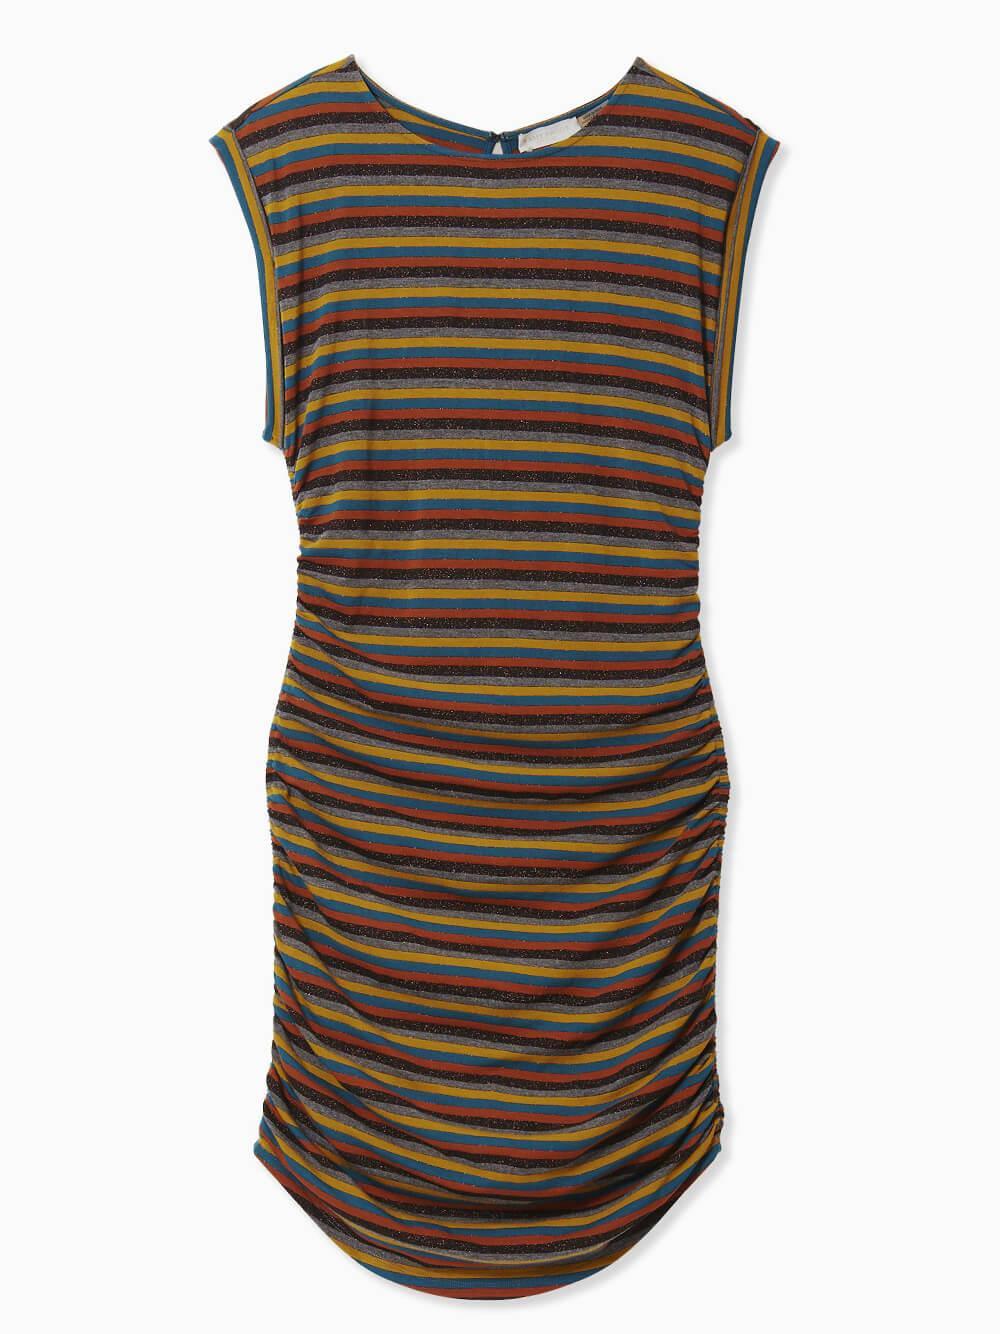 Darinda Dress Item # A0821319